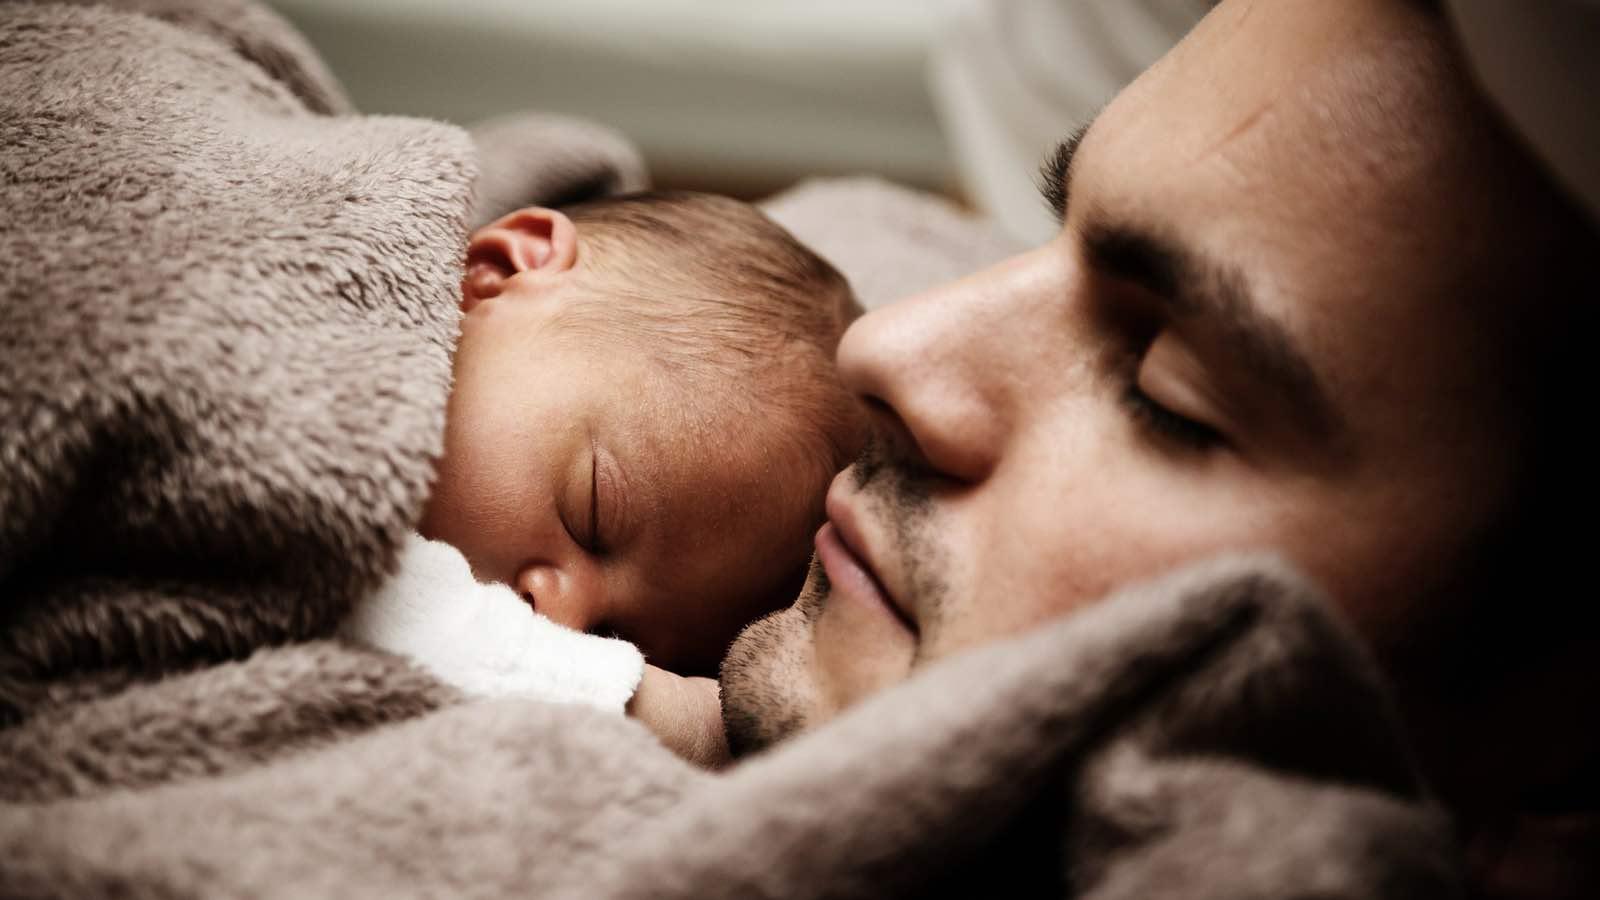 Nachtschreck- Wenn Kinder im Schlaf schreien und aufwachen